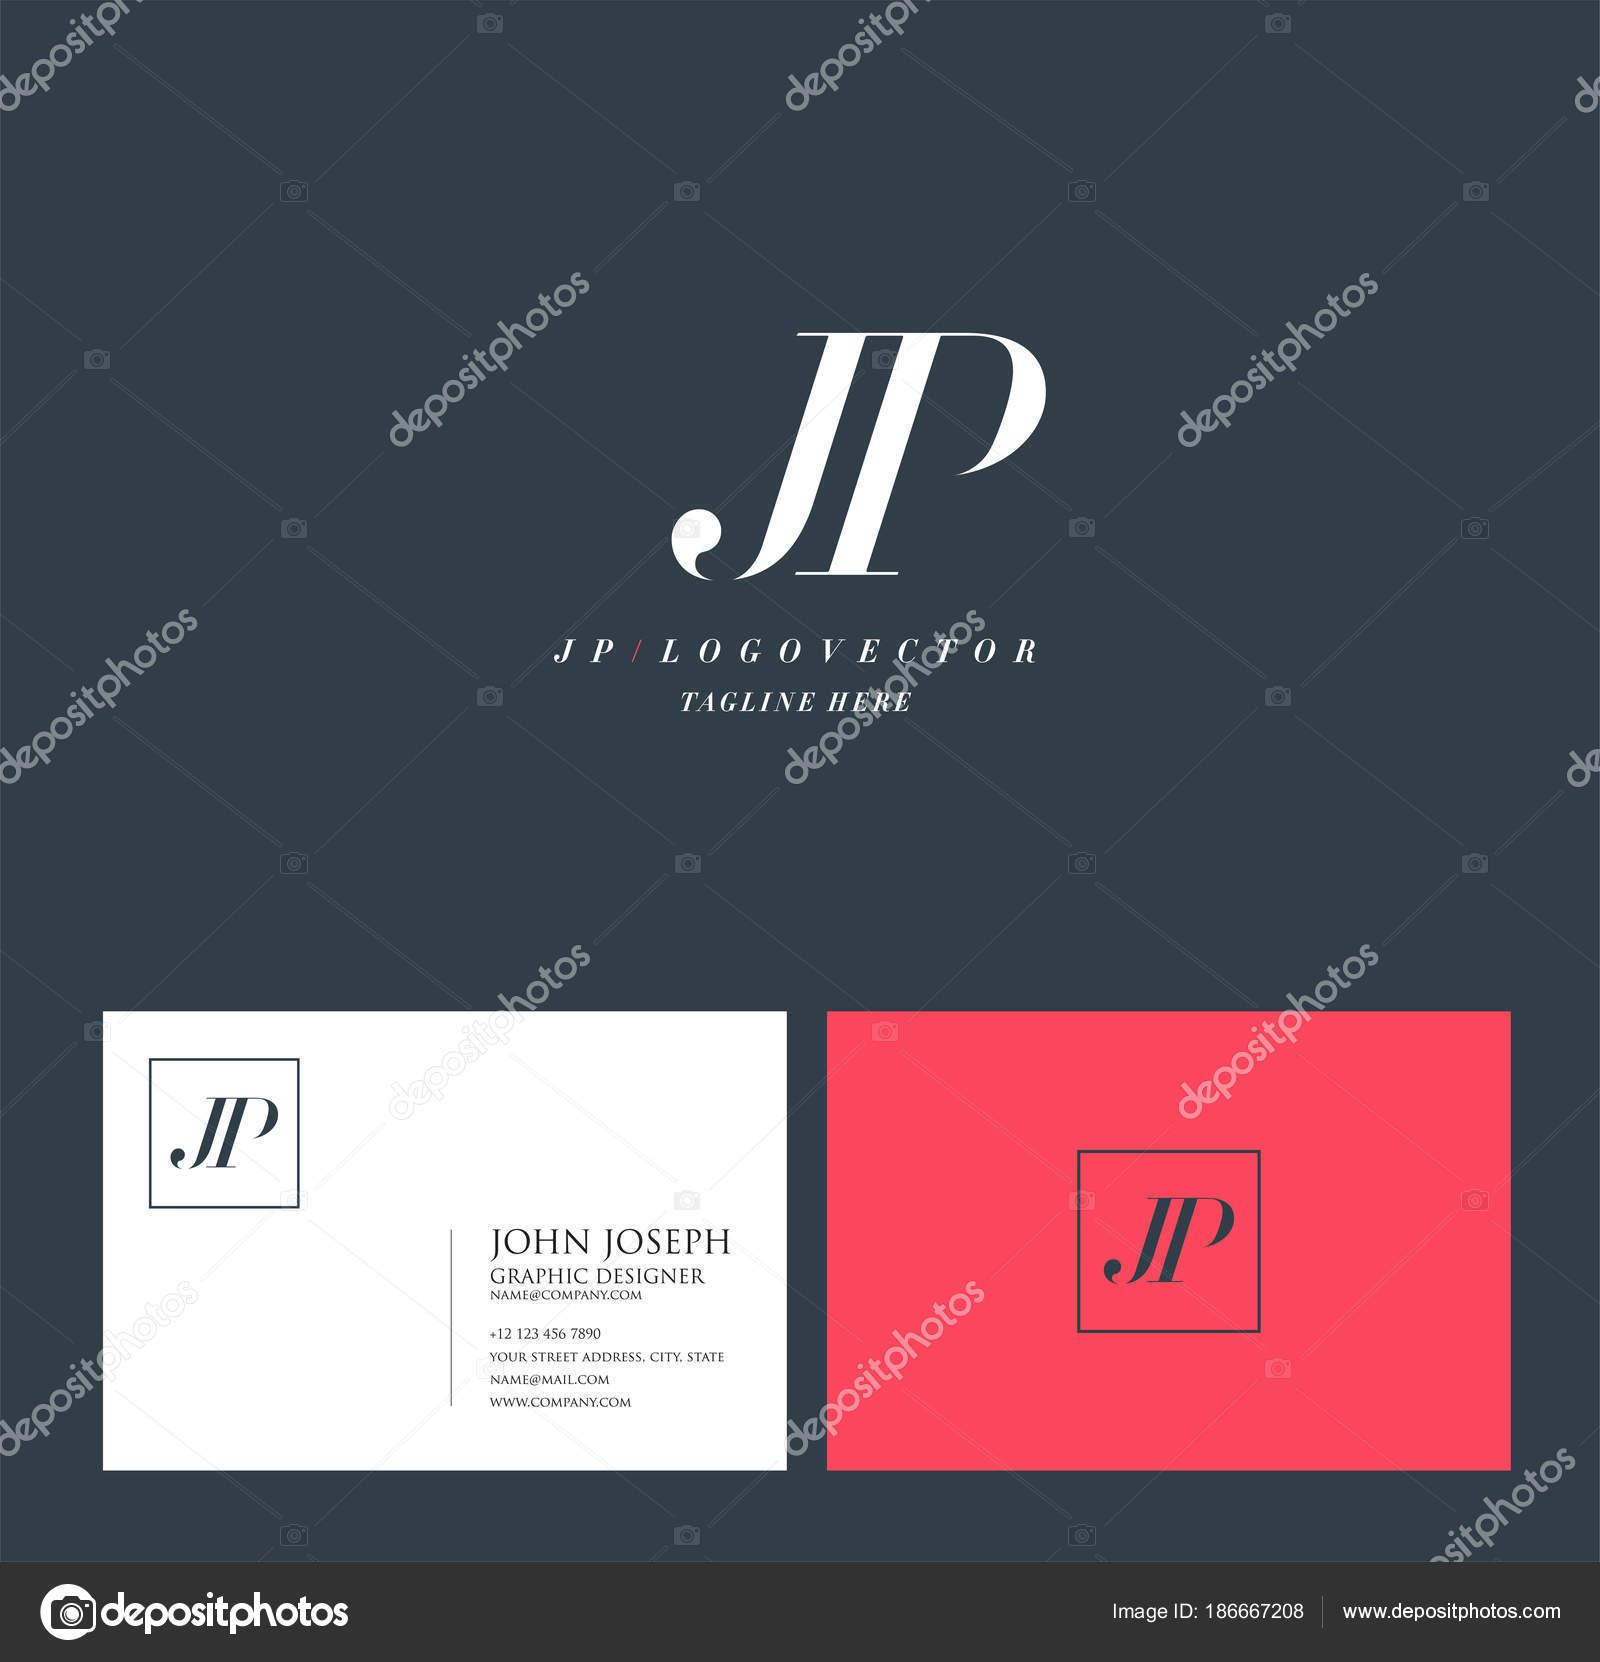 Articulation Jp Lettres Logo Modle De Carte Visite Vecteur Par Ajayandzyngmail